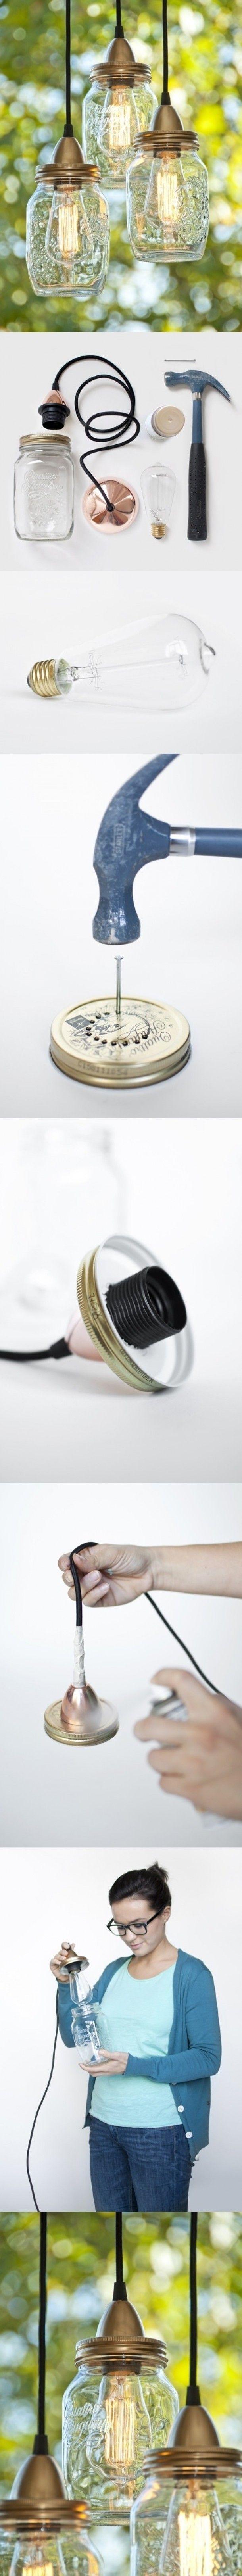 Zelfmaak lamp van potjes met deksel